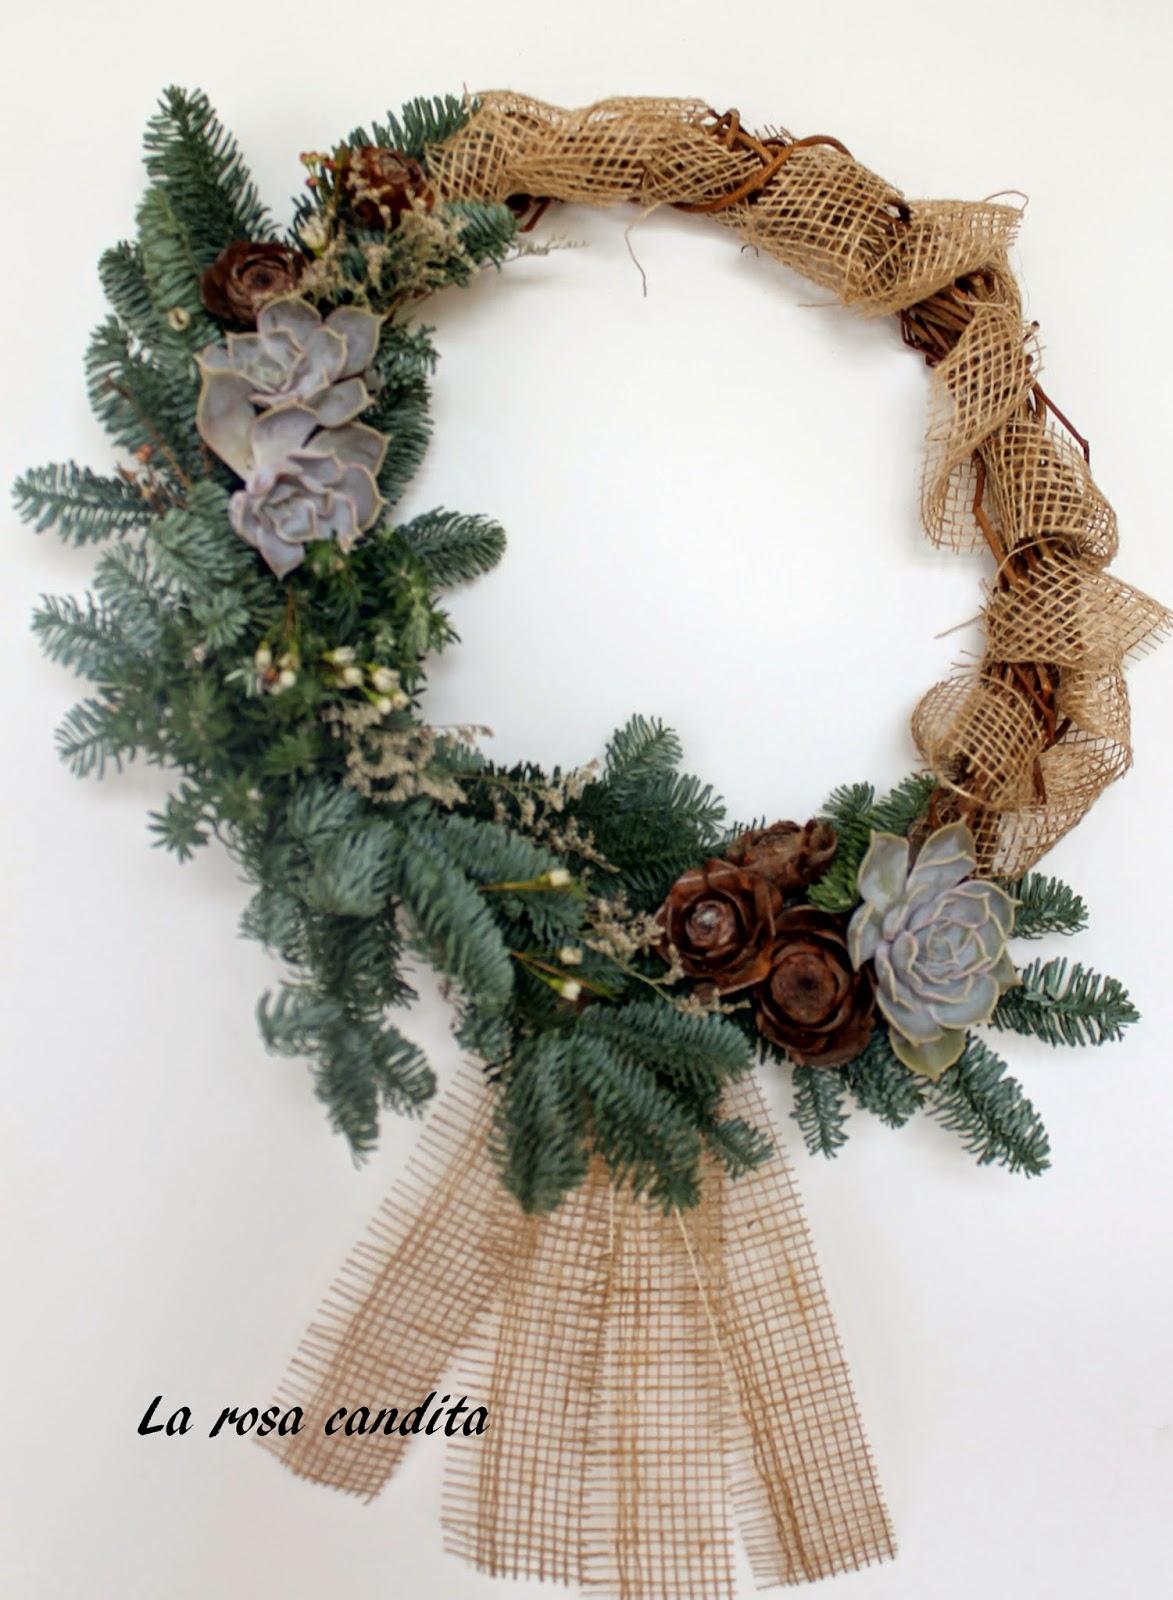 La rosa candita ghirlande e decorazioni natalizie - Decorazioni ghirlande natalizie ...